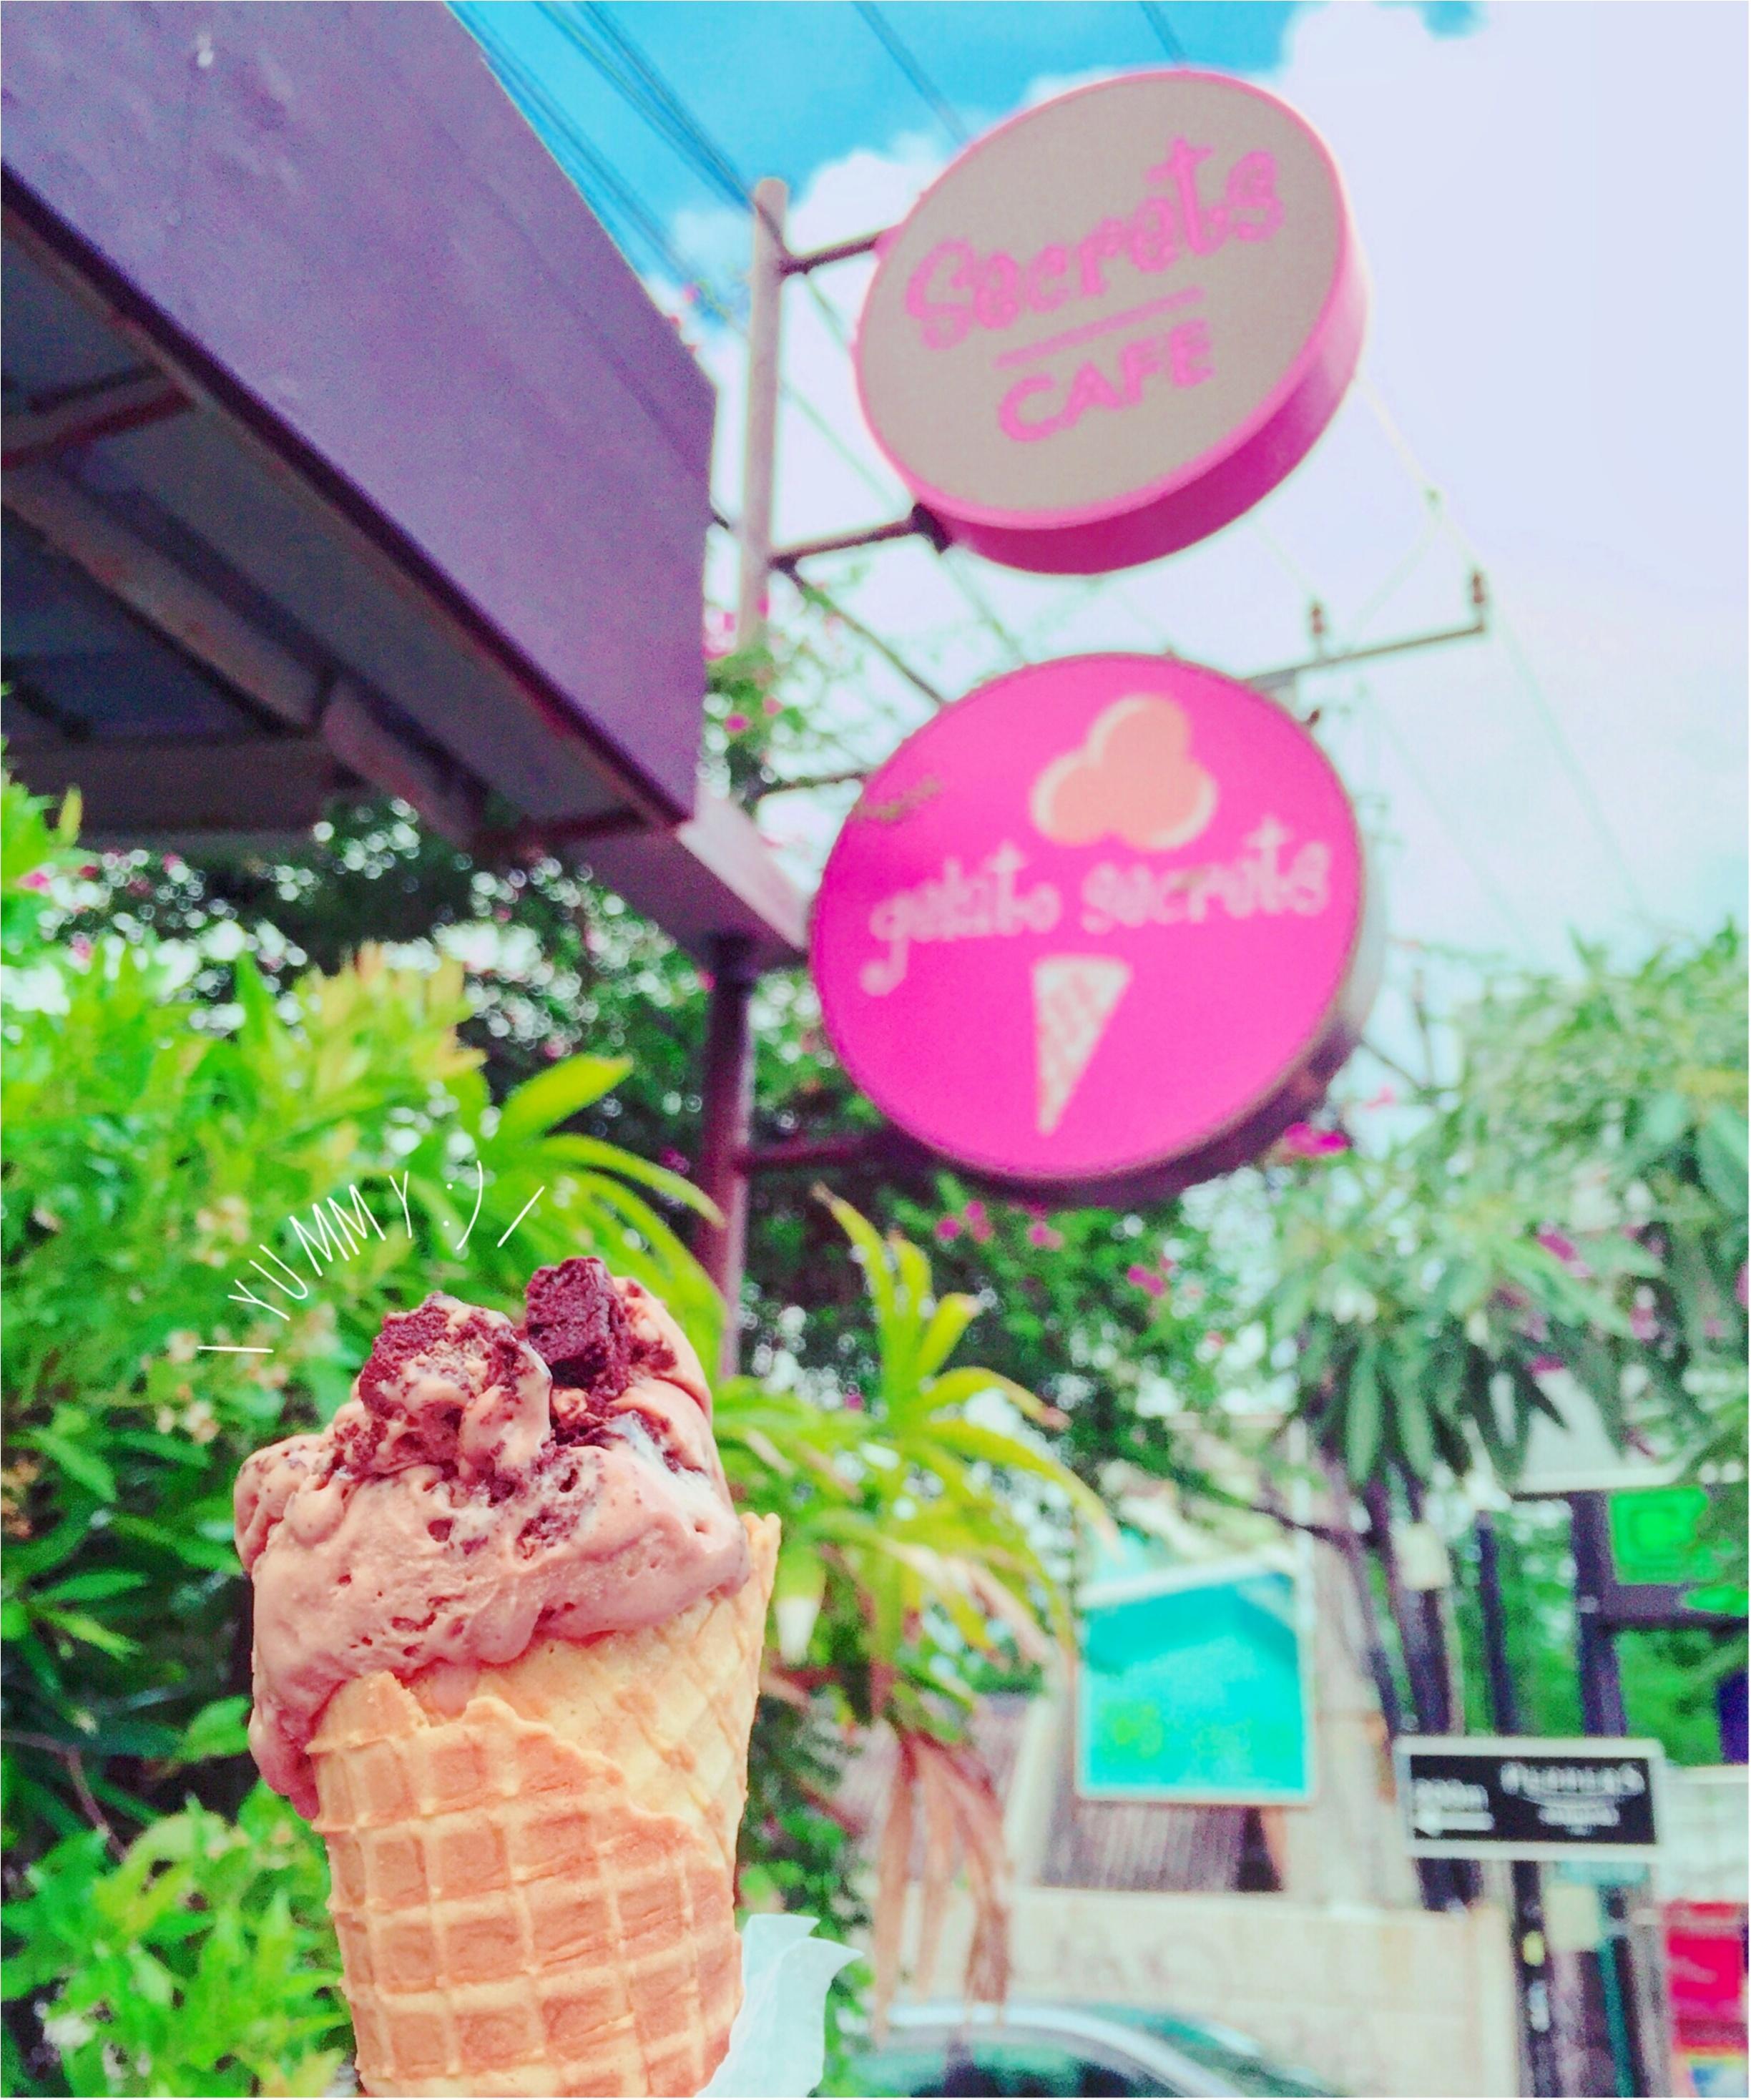 【TRIP】この夏どこ行く♡?!女子旅 海外ビーチリゾートのすすめ♡グアム&バリ島編_8